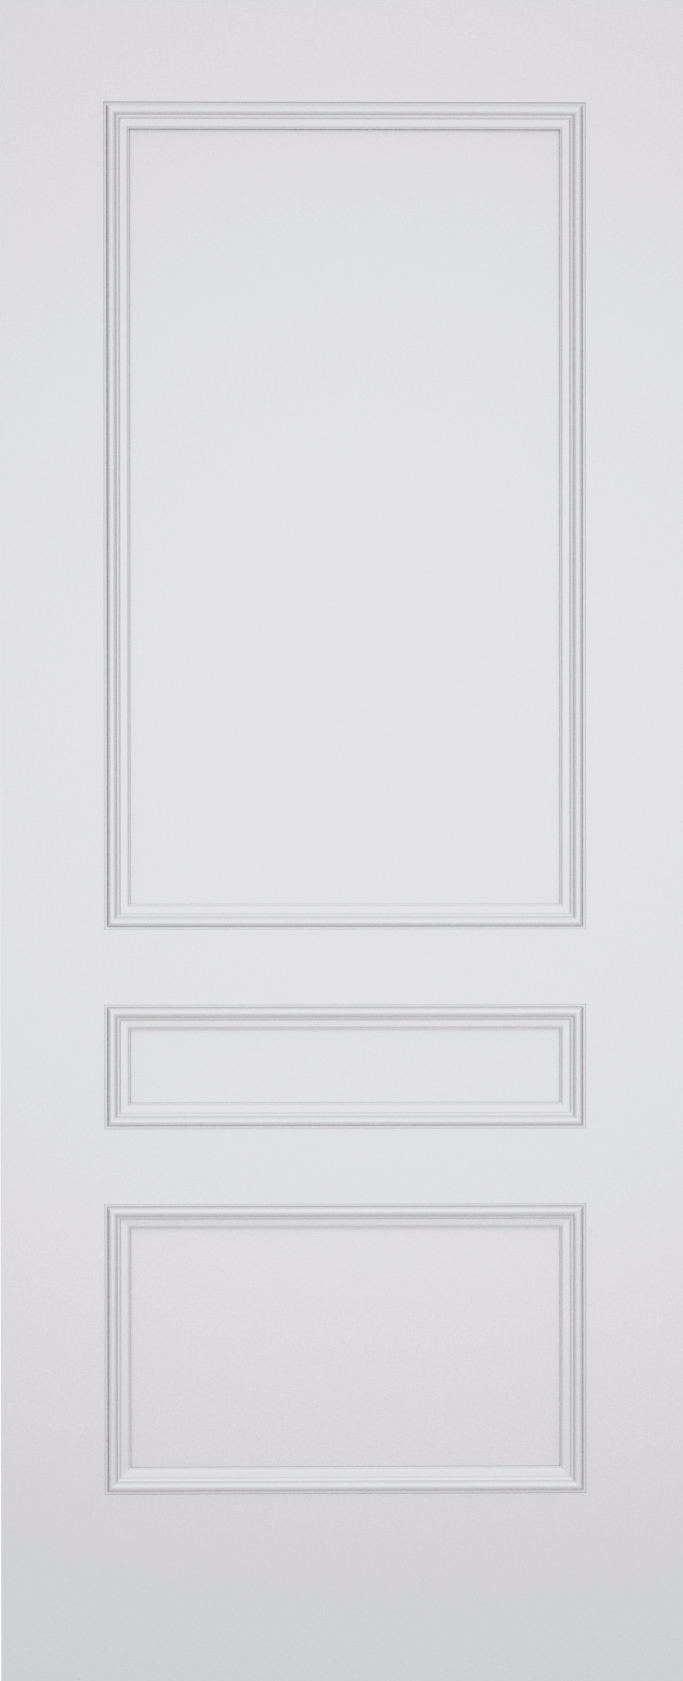 Kesh Havering 3 Panel Fire Door